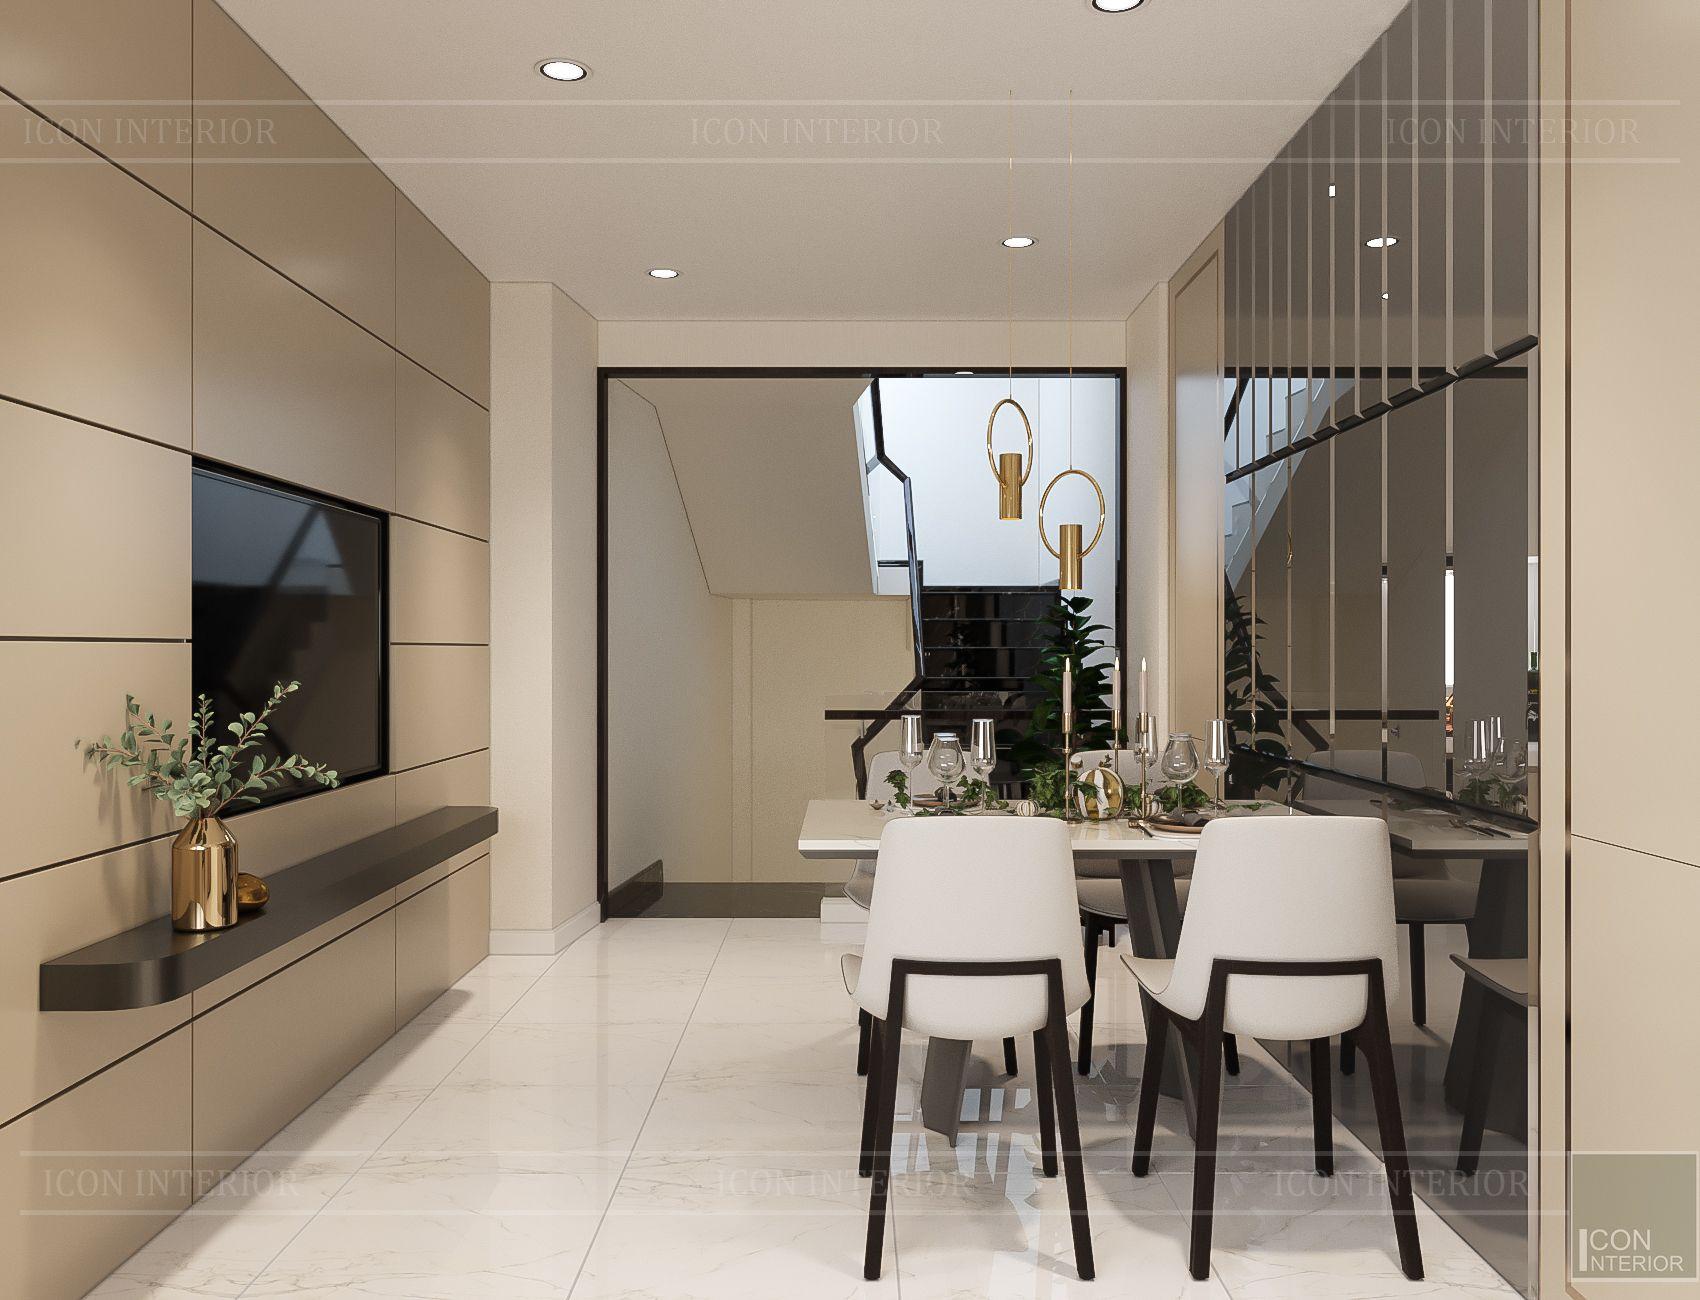 thiết kế nội thất nhà phố hiện đại - phòng bếp 1